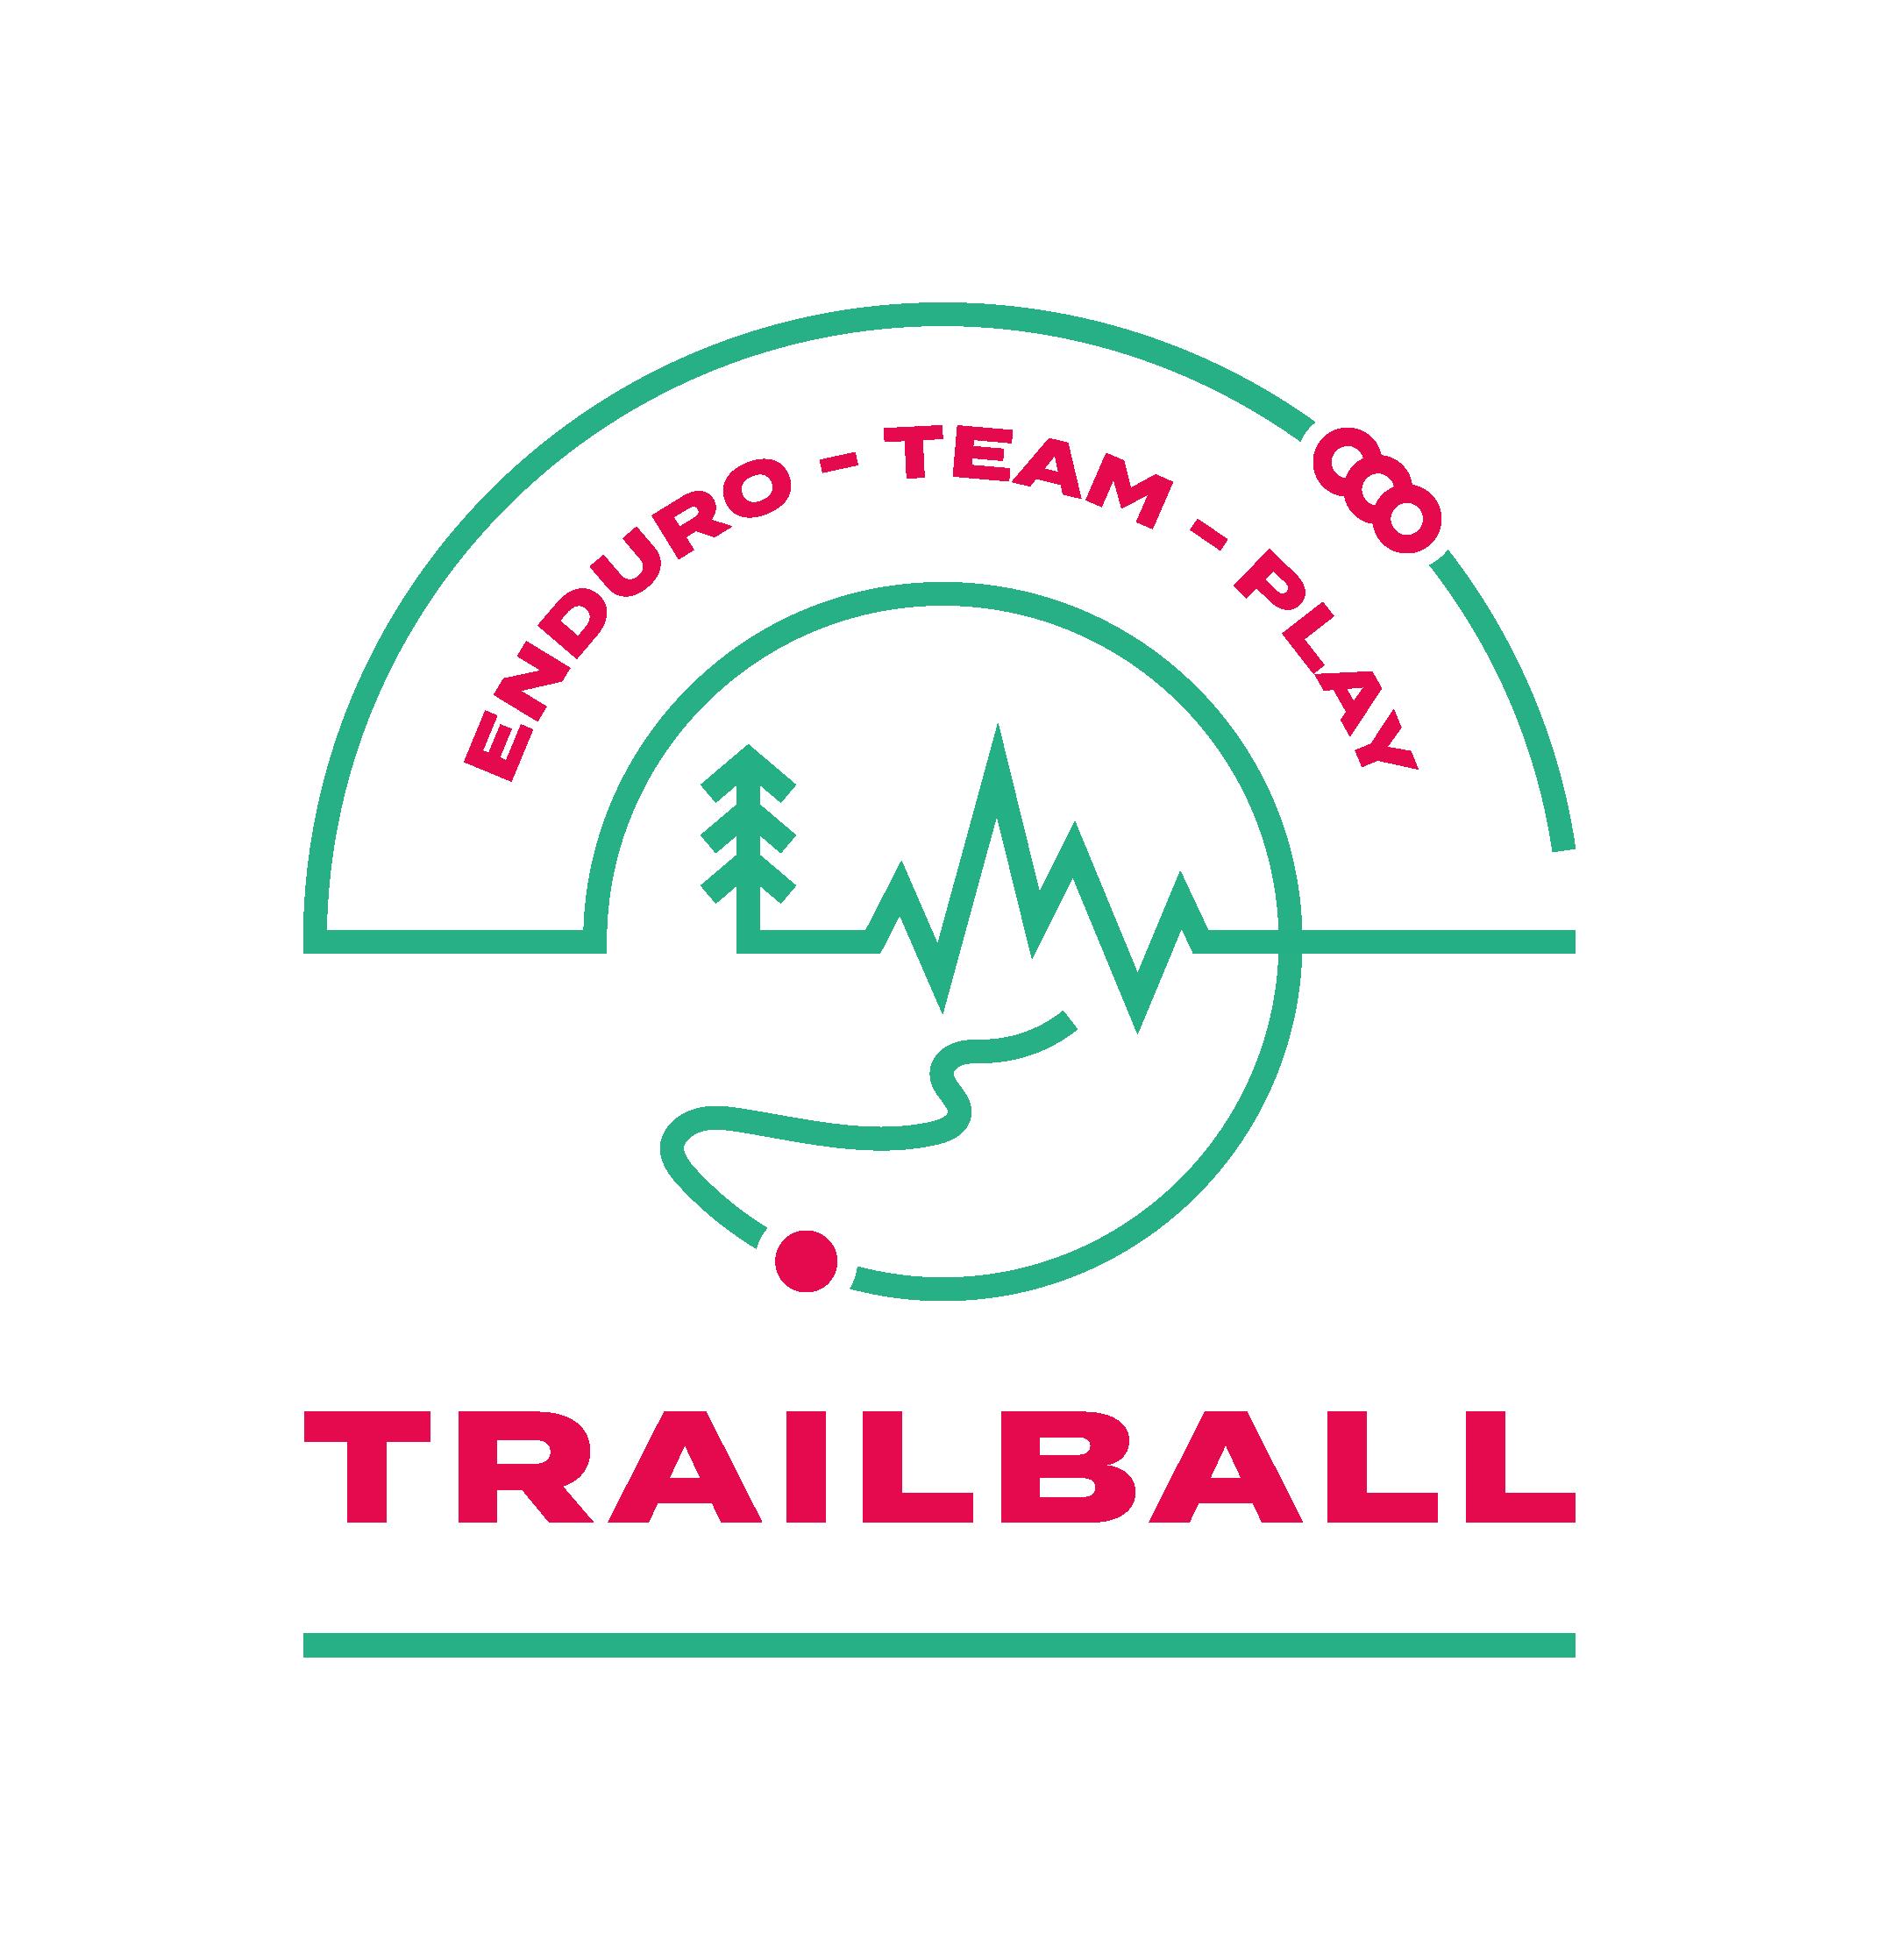 Logo TRAILBALL Enduro - Déclinaison Play Team